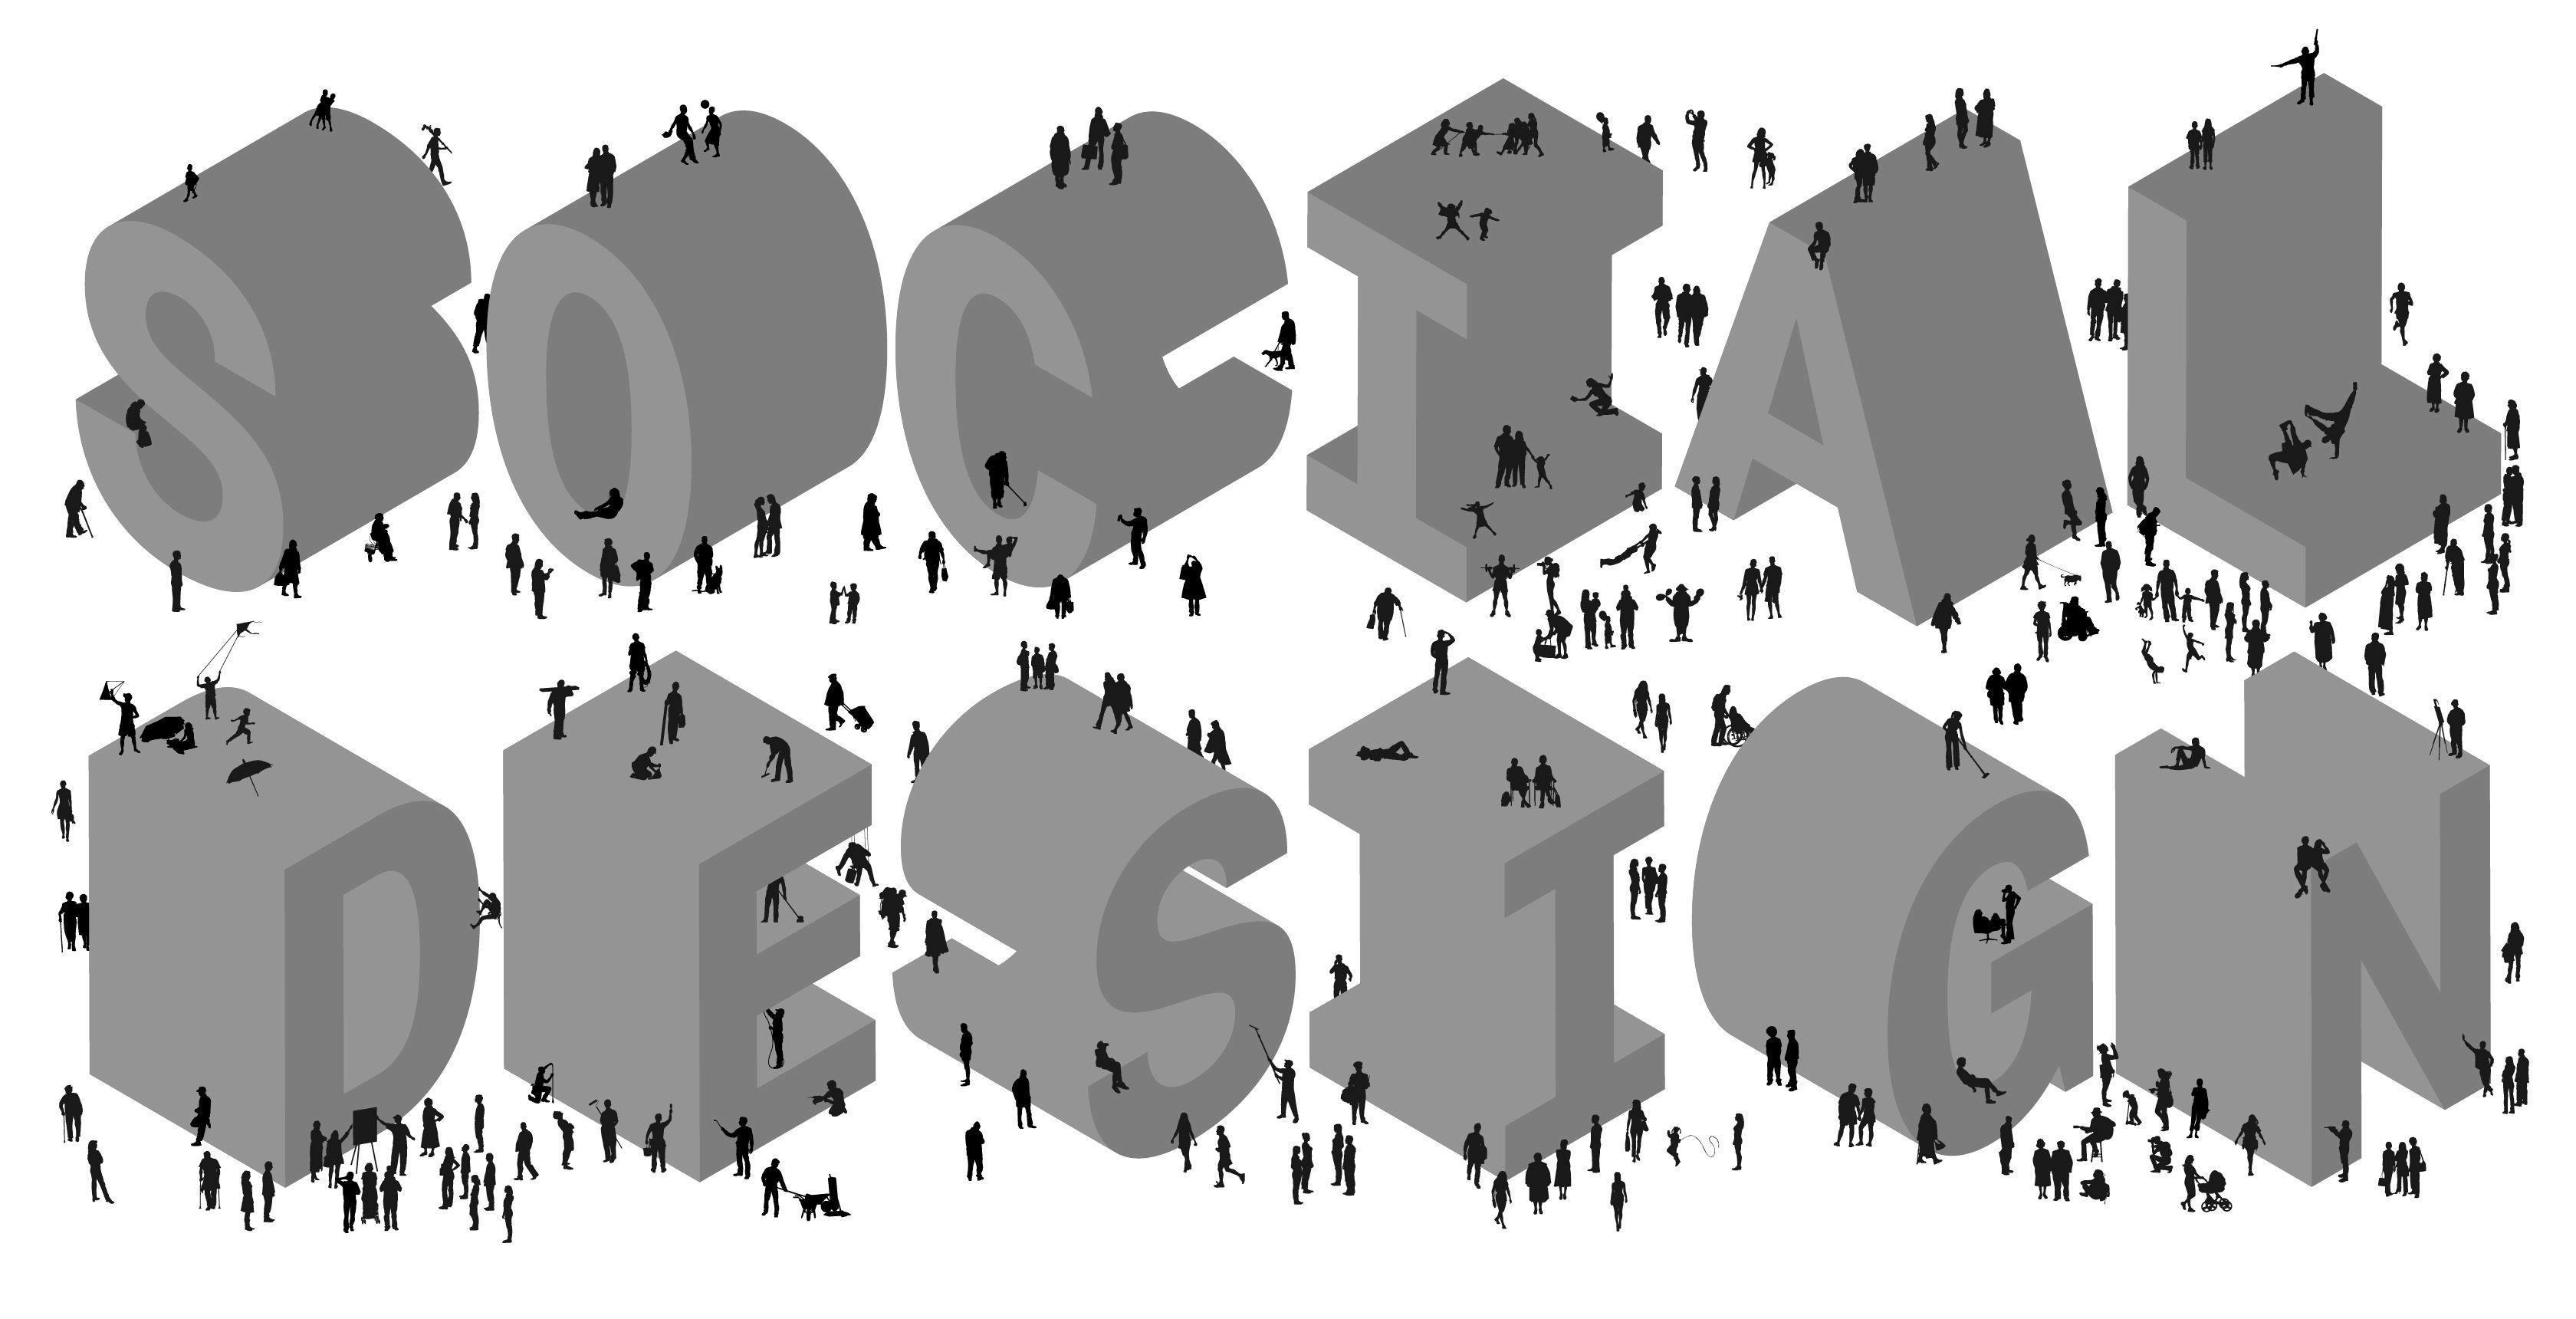 SOLARKIOSK Social Design GRAFT